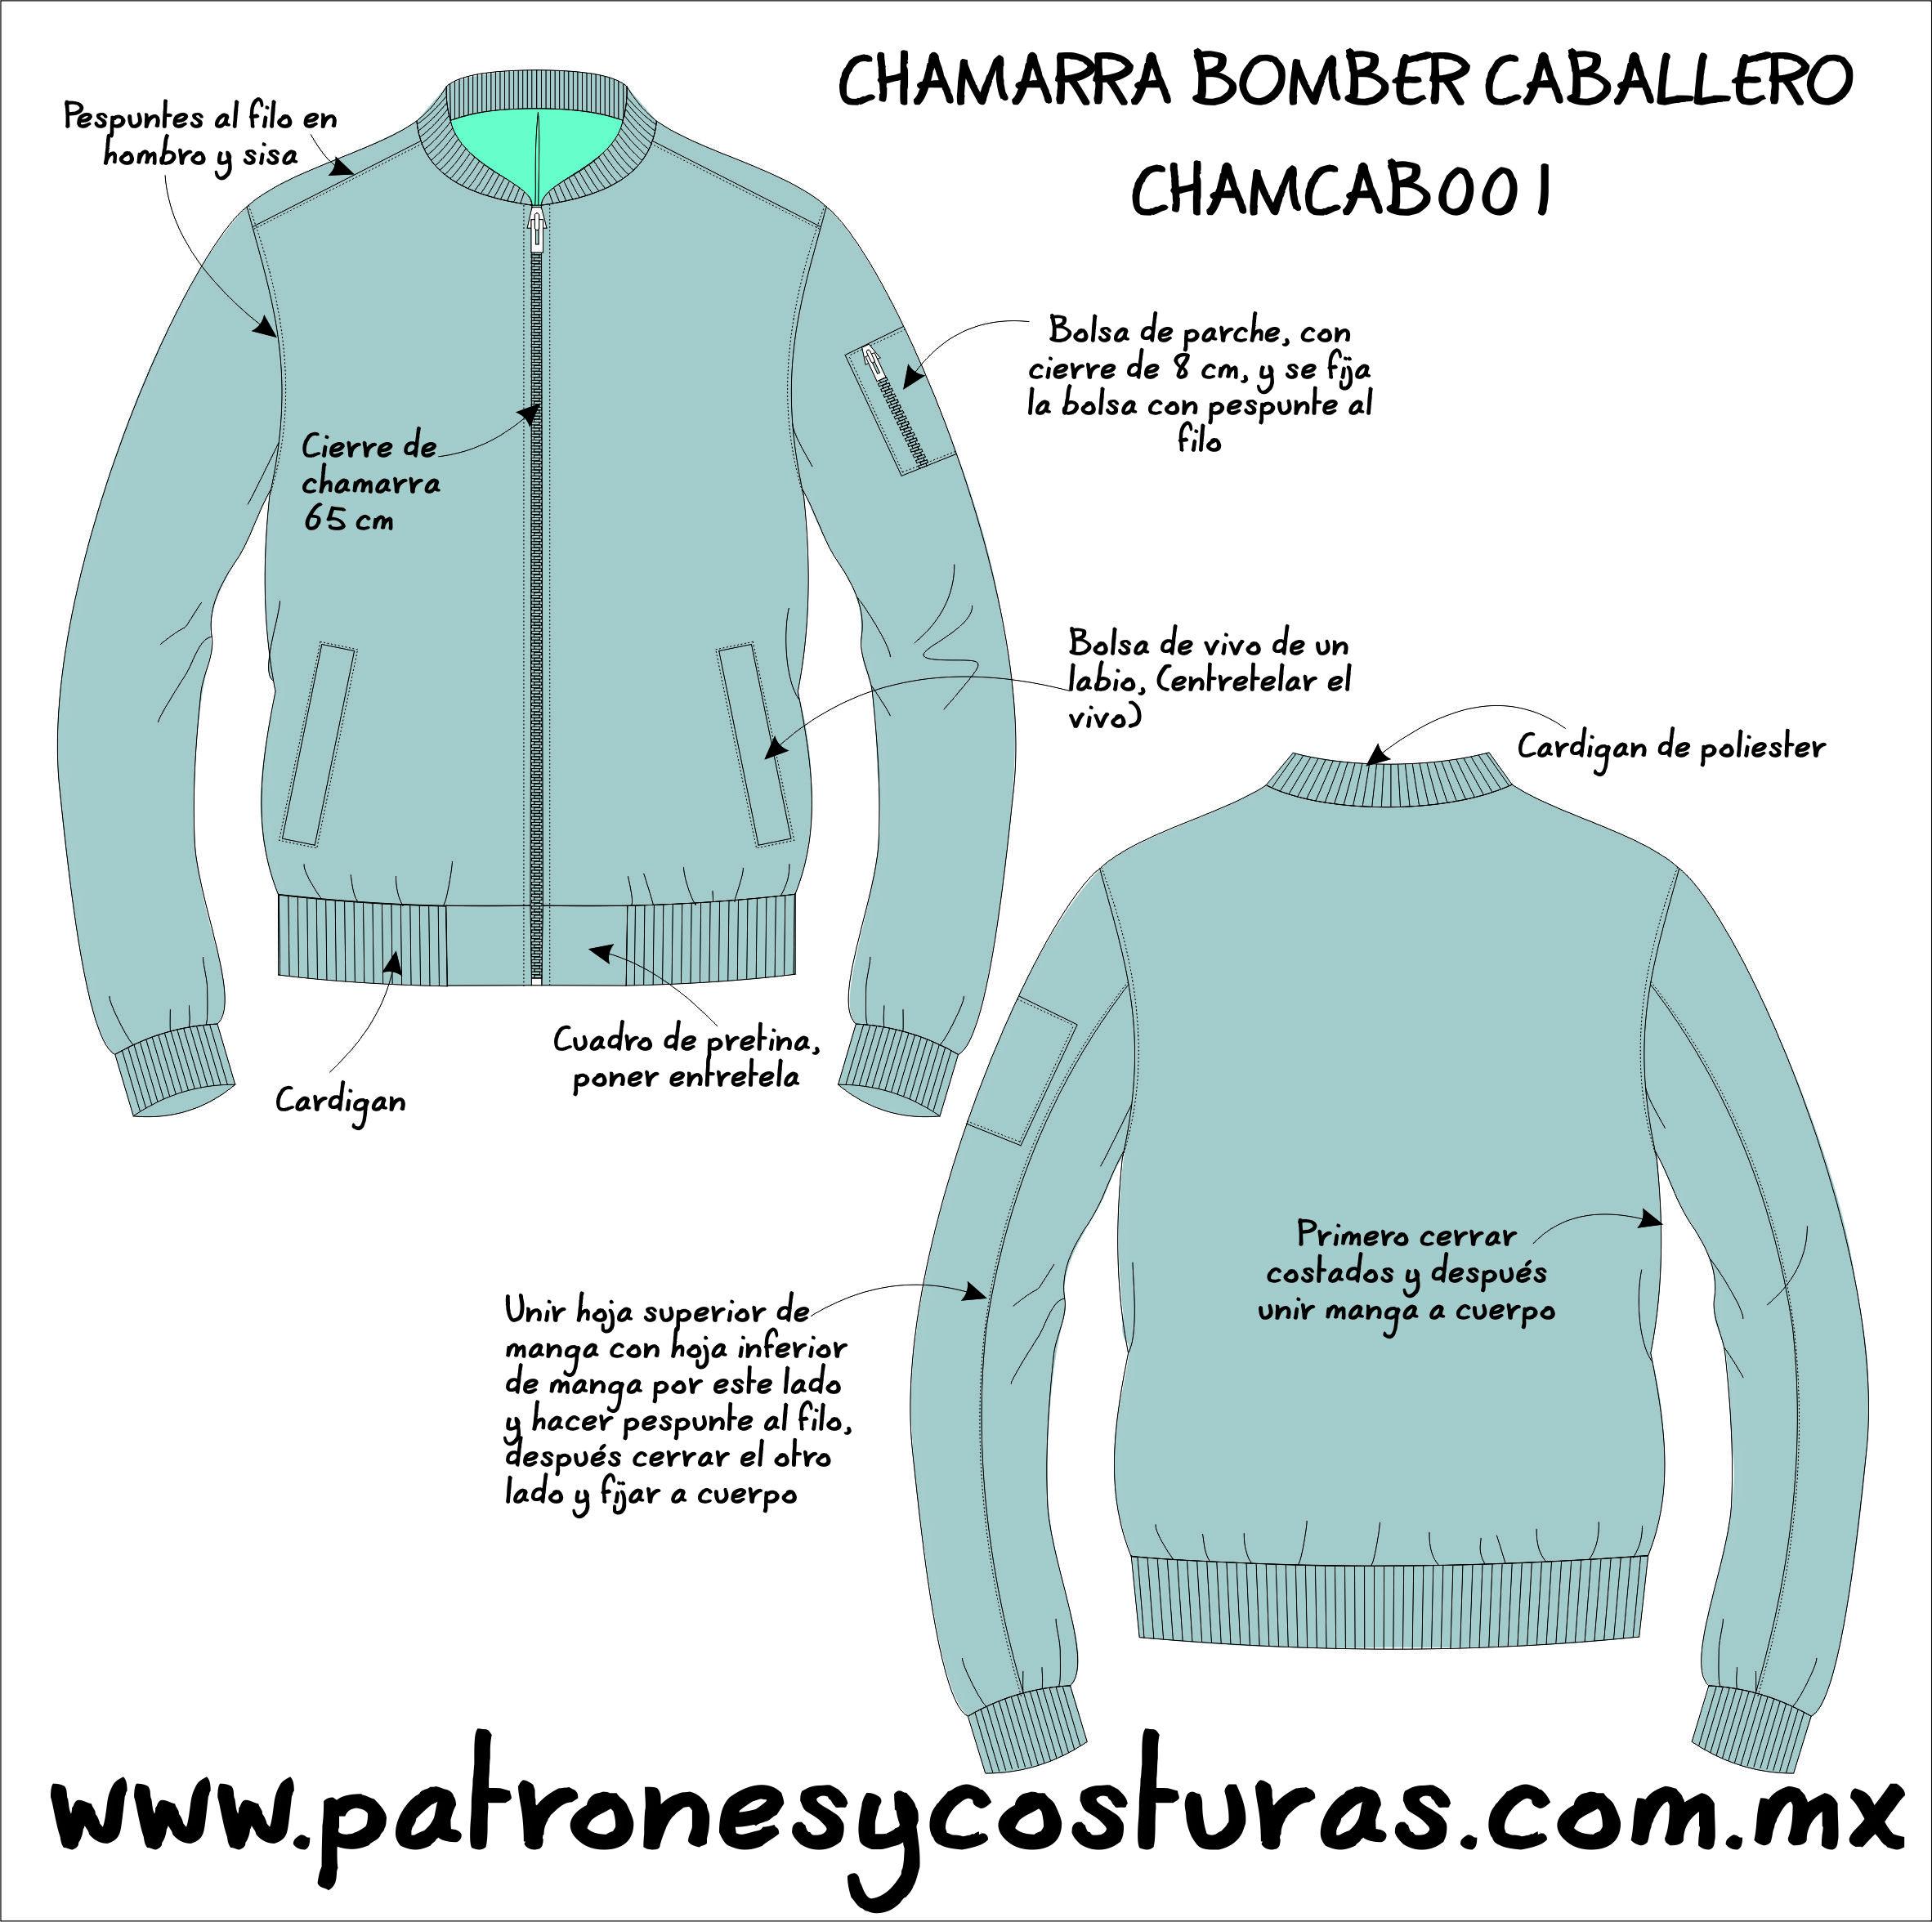 PATRÓN DE CHAMARRA BOMBER CABALLERO